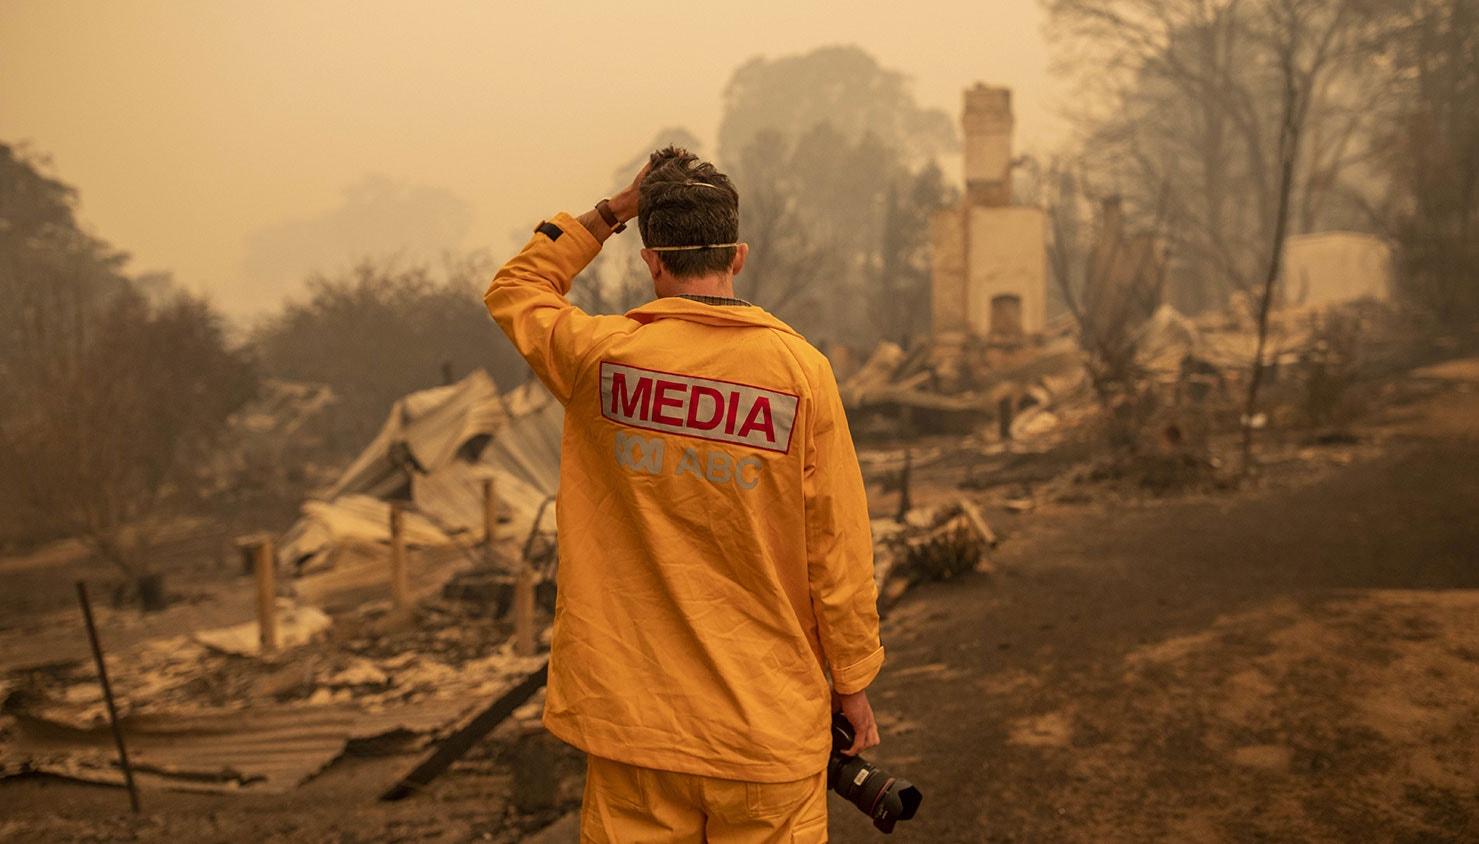 O fotógrafo a ABC, Matt Roberts, reage ao ver a casa da irmã destruída pelos incêncios na região de Nova Gales do Sul | Sead Davey - EPA